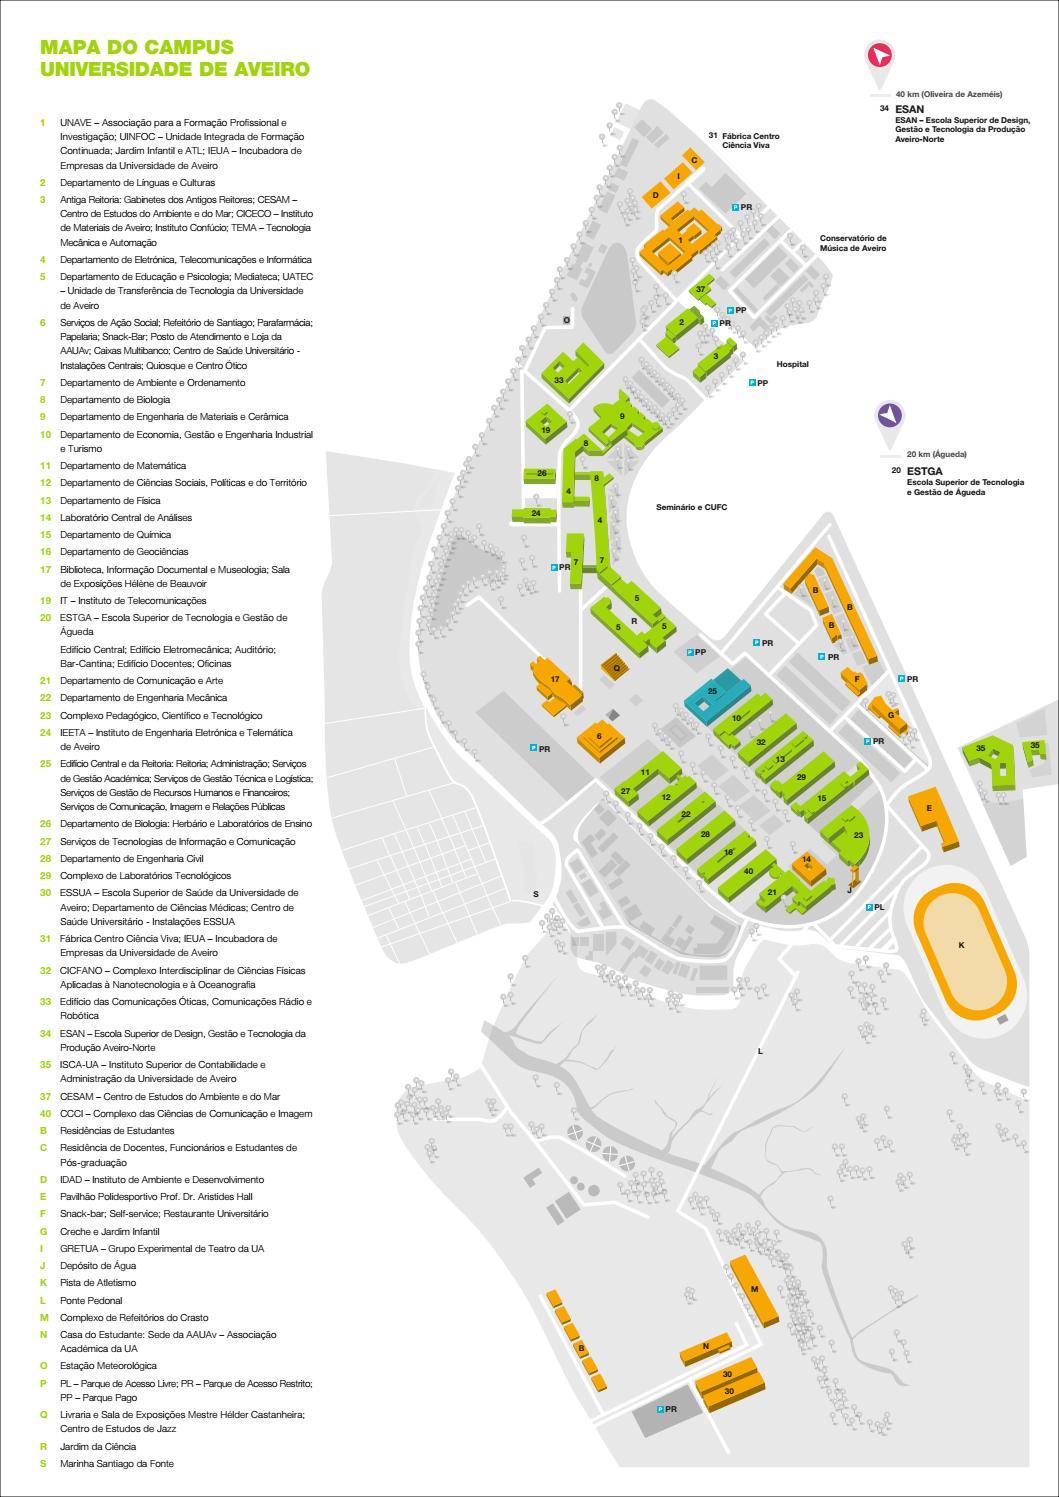 Mapa Do Campus Da Universidade De Aveiro 2018 By Universidade De